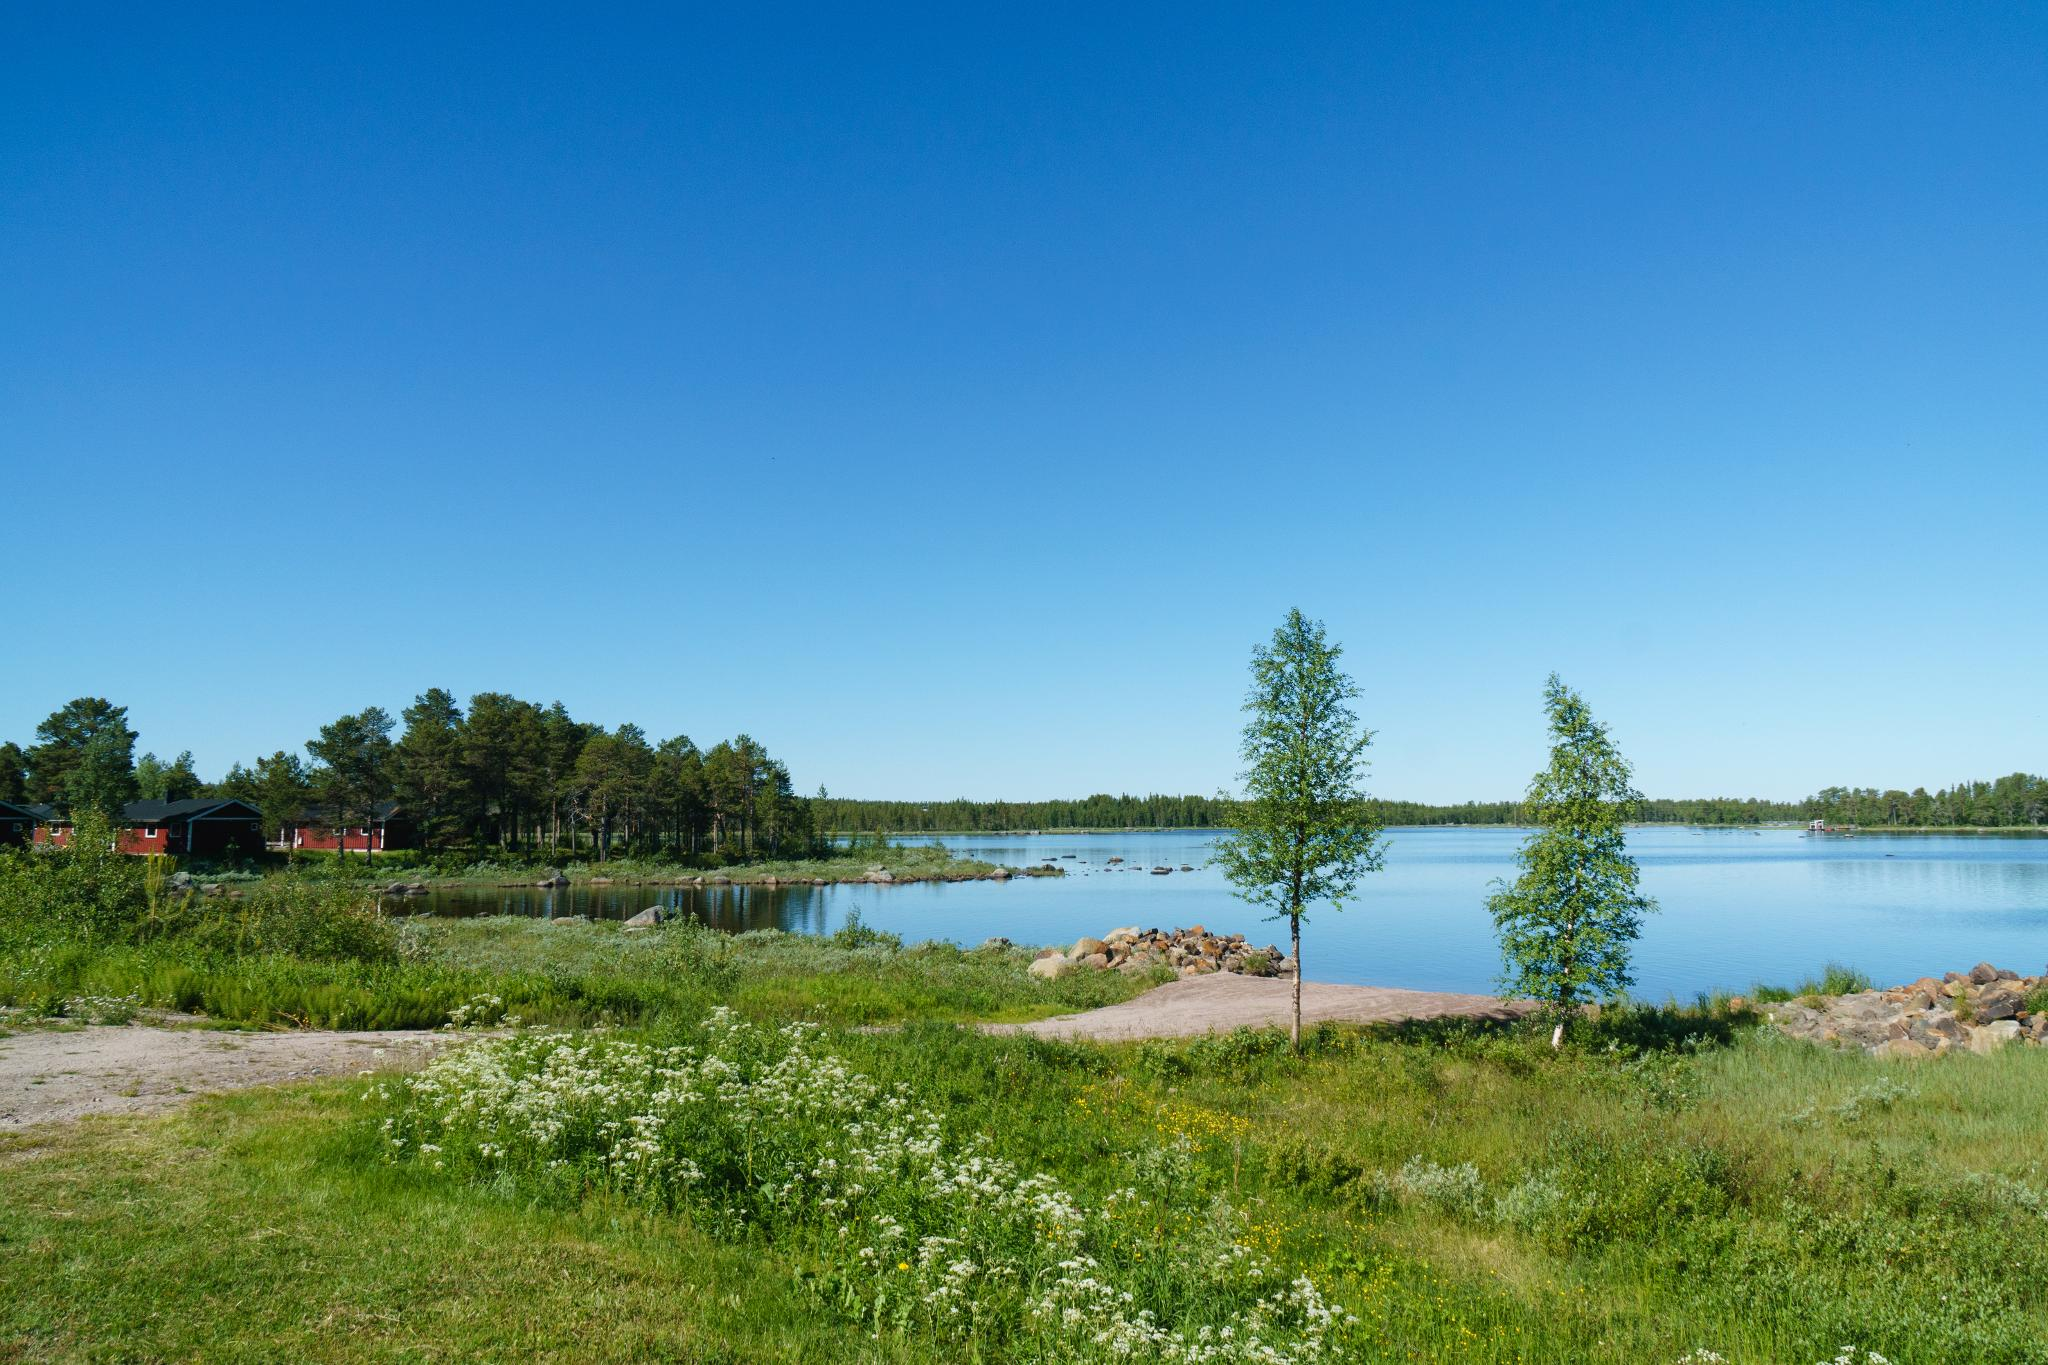 【北歐露營】北極荒野的推薦度假村 — 瑞典阿爾耶普魯格 Kraja 酒店 69